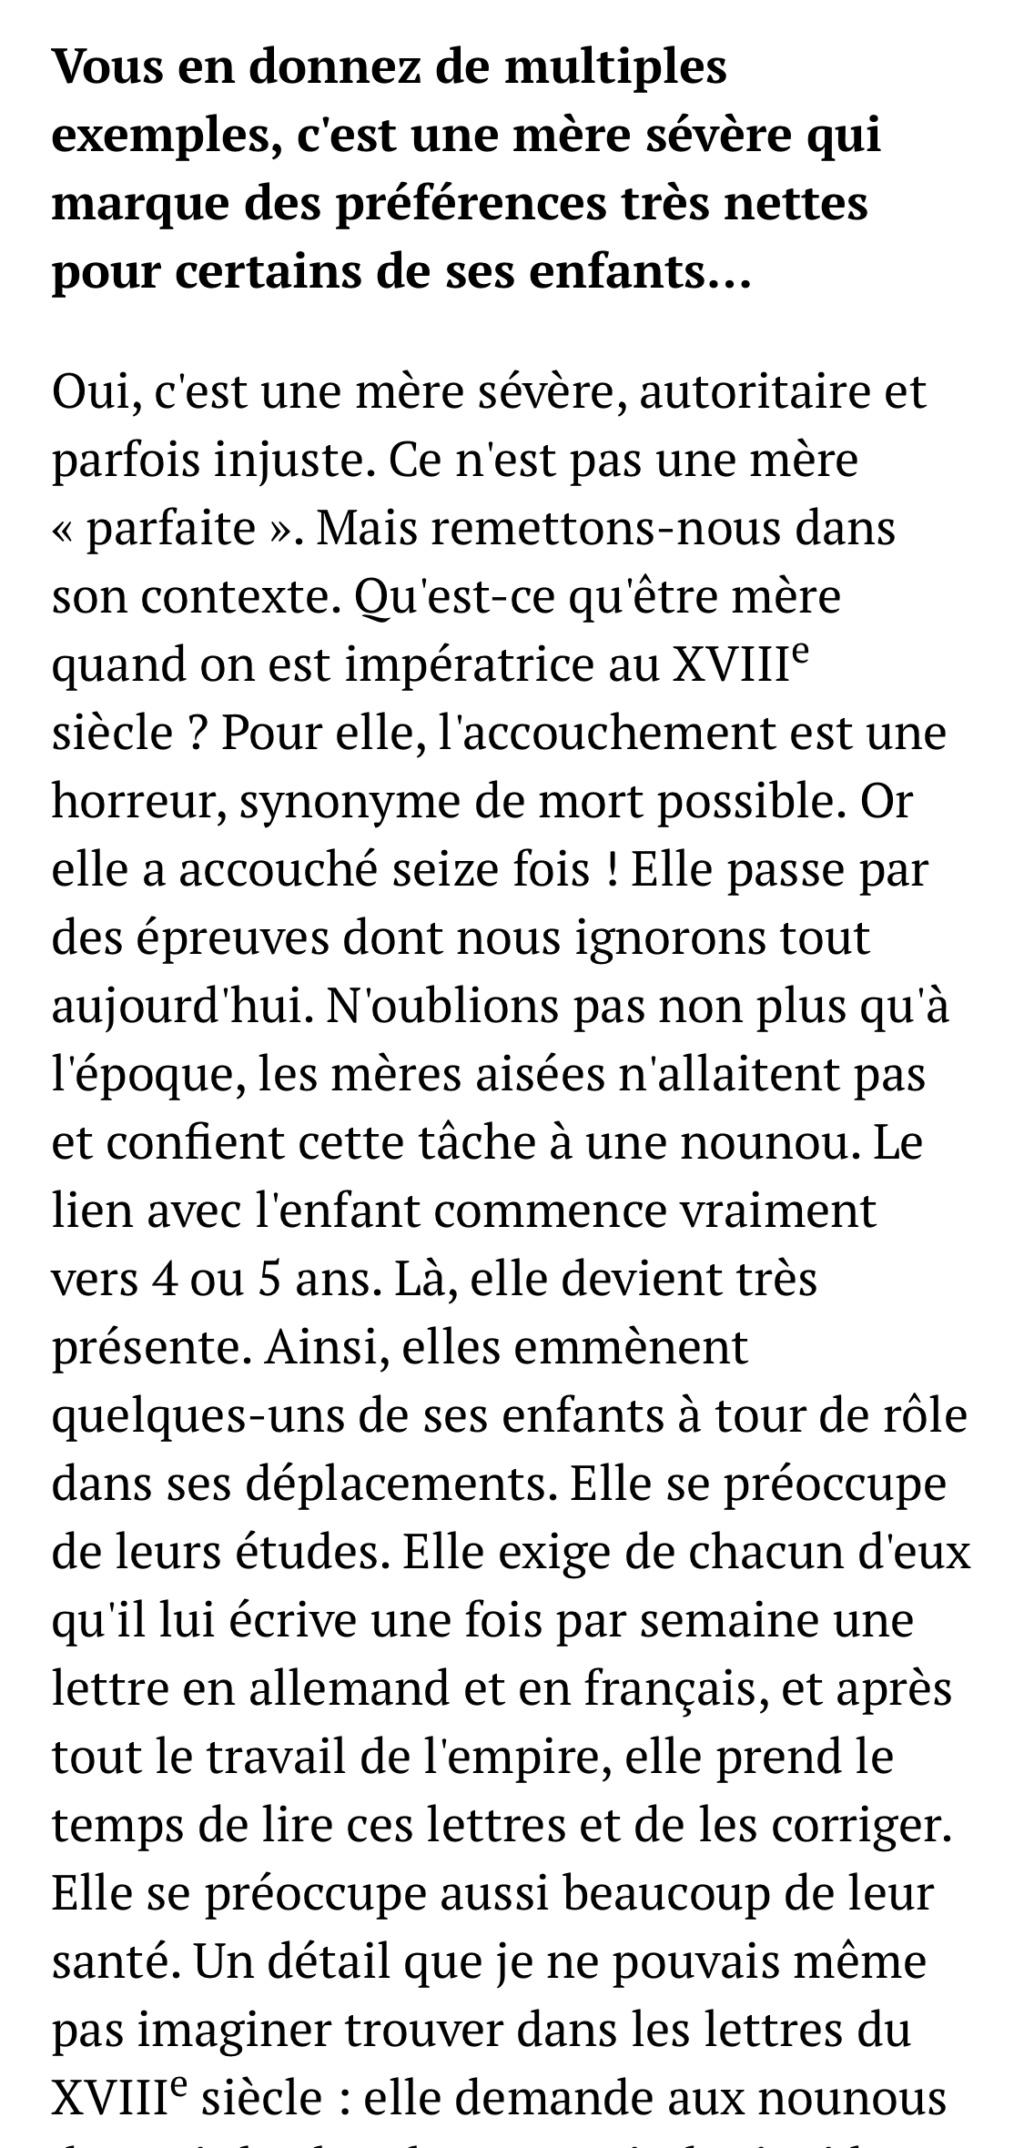 Marie-Thérèse d'Autriche : Le pouvoir au féminin & Les conflits d'une mère. De Elisabeth Badinter - Page 2 E69d3710